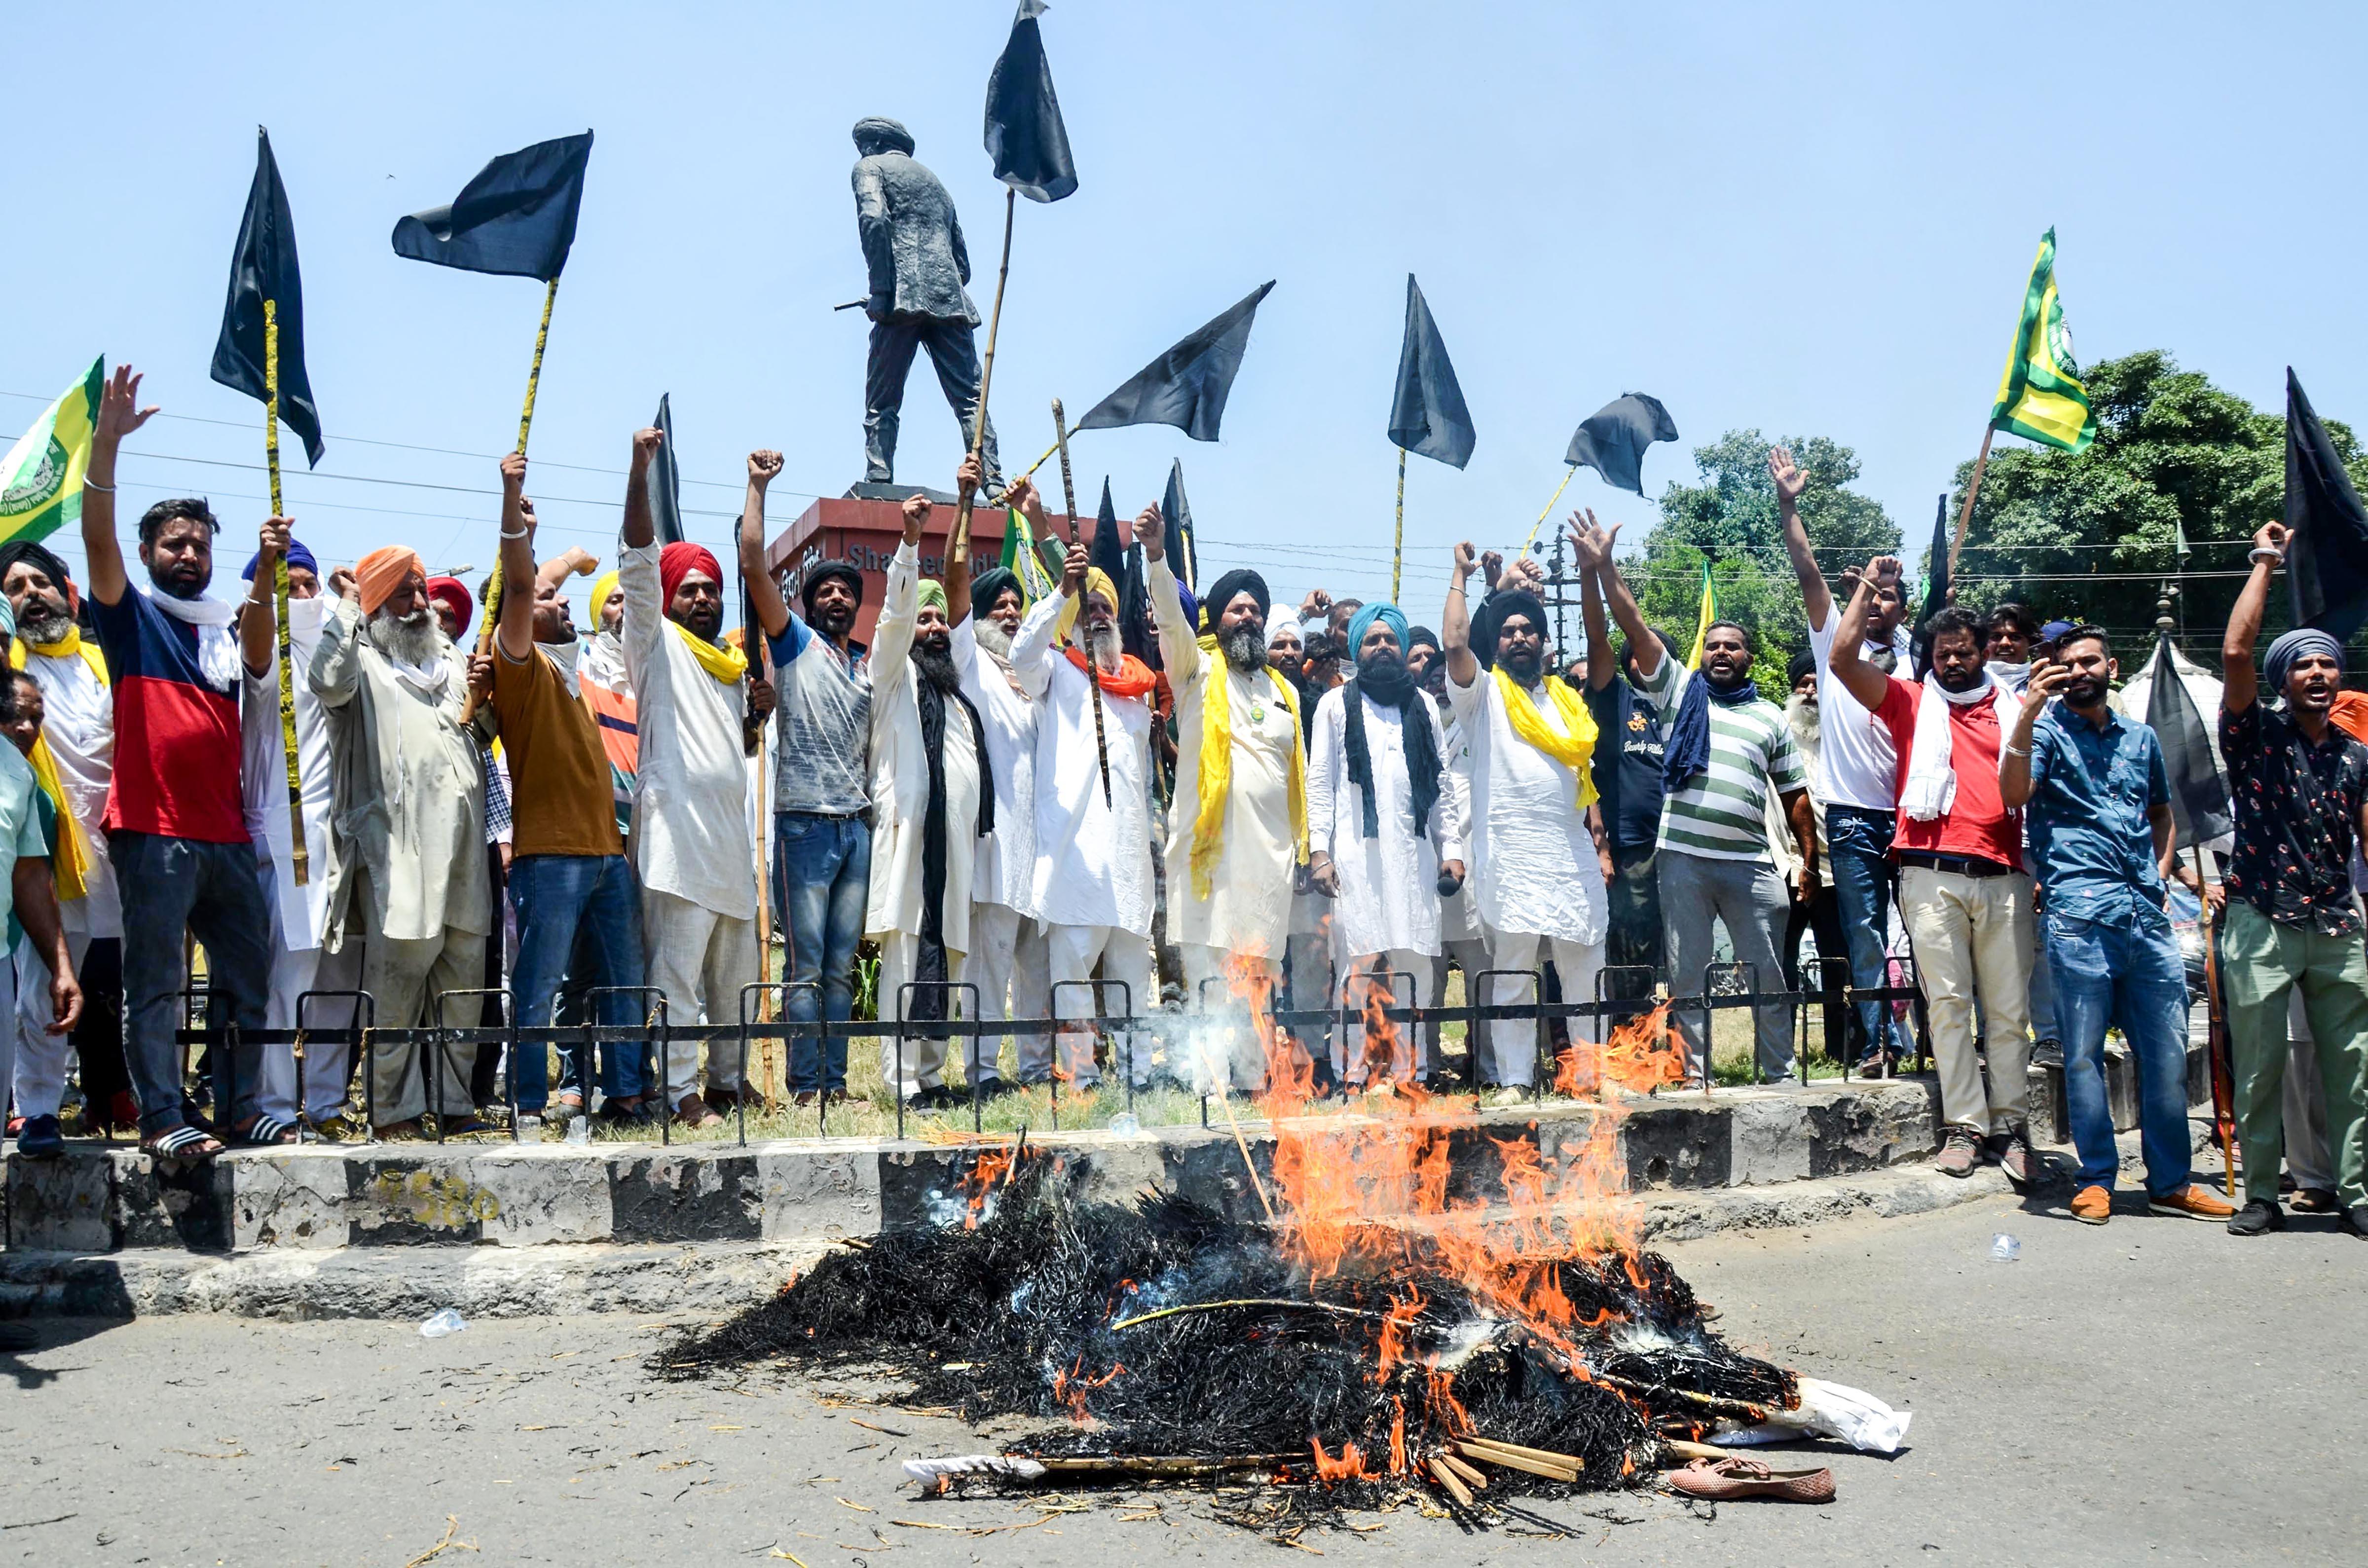 കേന്ദ്ര സര്ക്കാരിന്റെ നയങ്ങളില് പ്രതിഷേധിച്ച് രാജ്യ വ്യാപകമായി കരിദിനം ആചരിച്ച് സംഘടനകള്, ചിത്രങ്ങള്